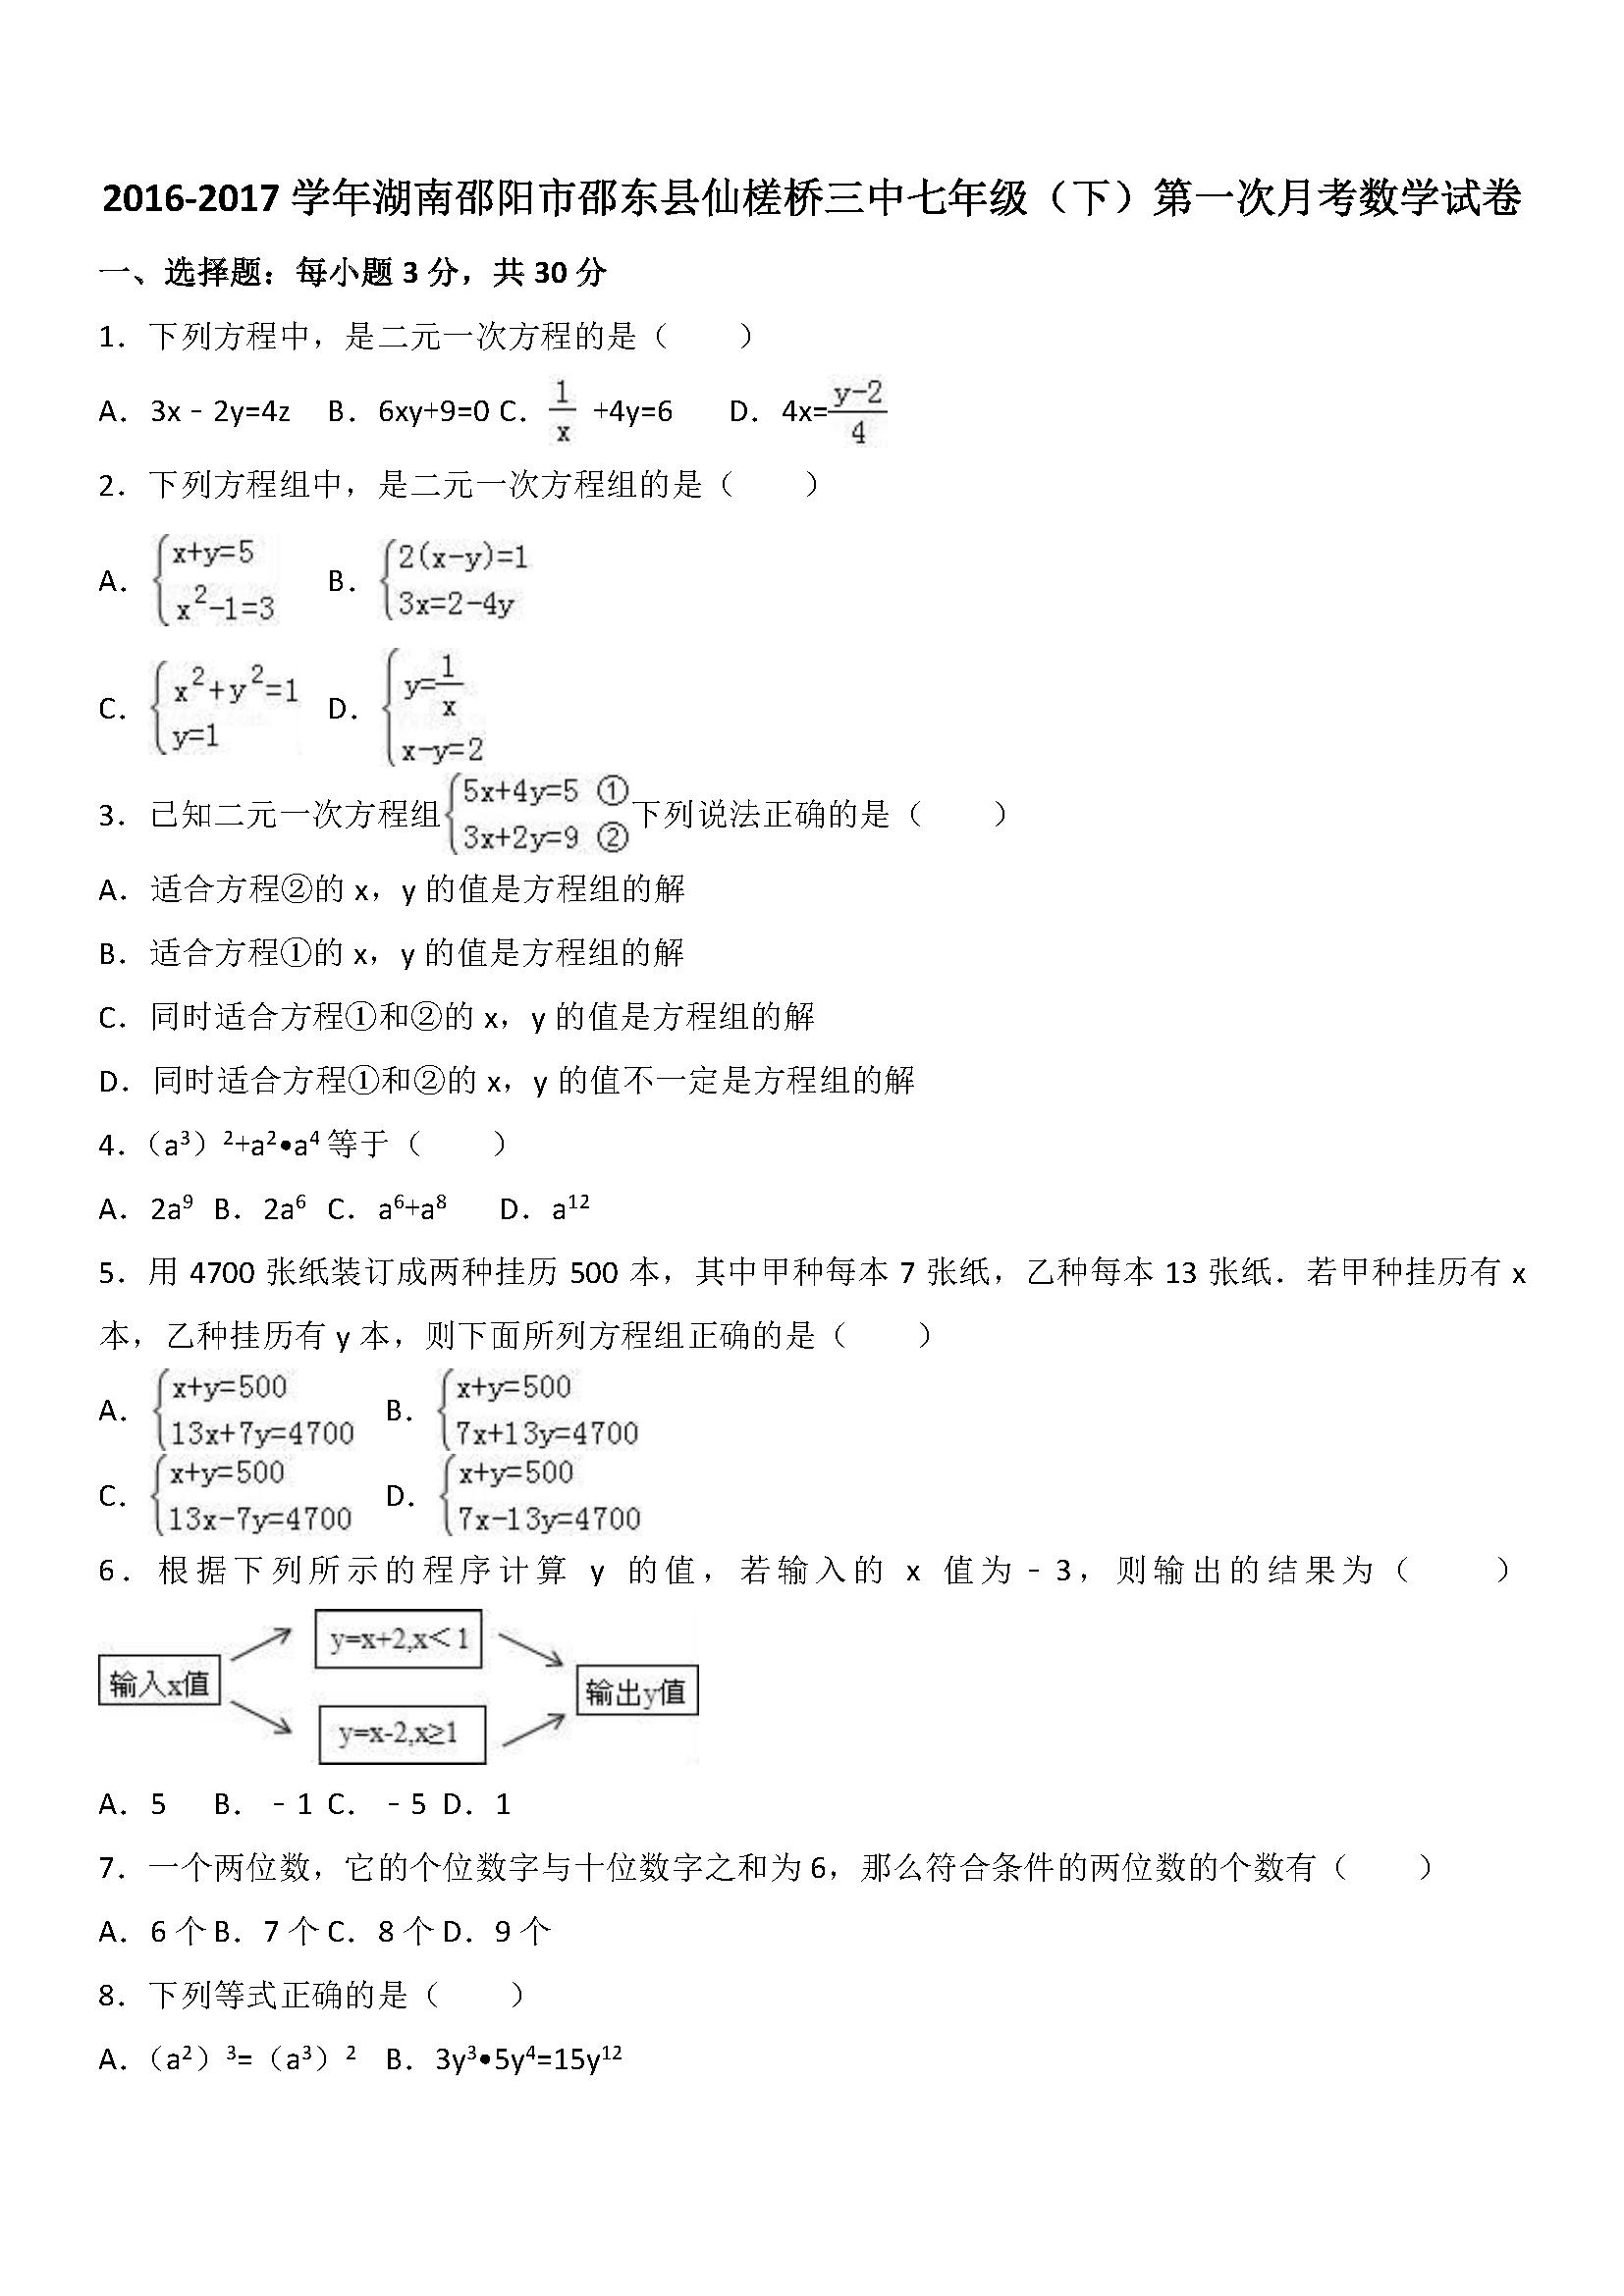 湖南邵阳2017七年级下第一次月考数学试卷(Word版)